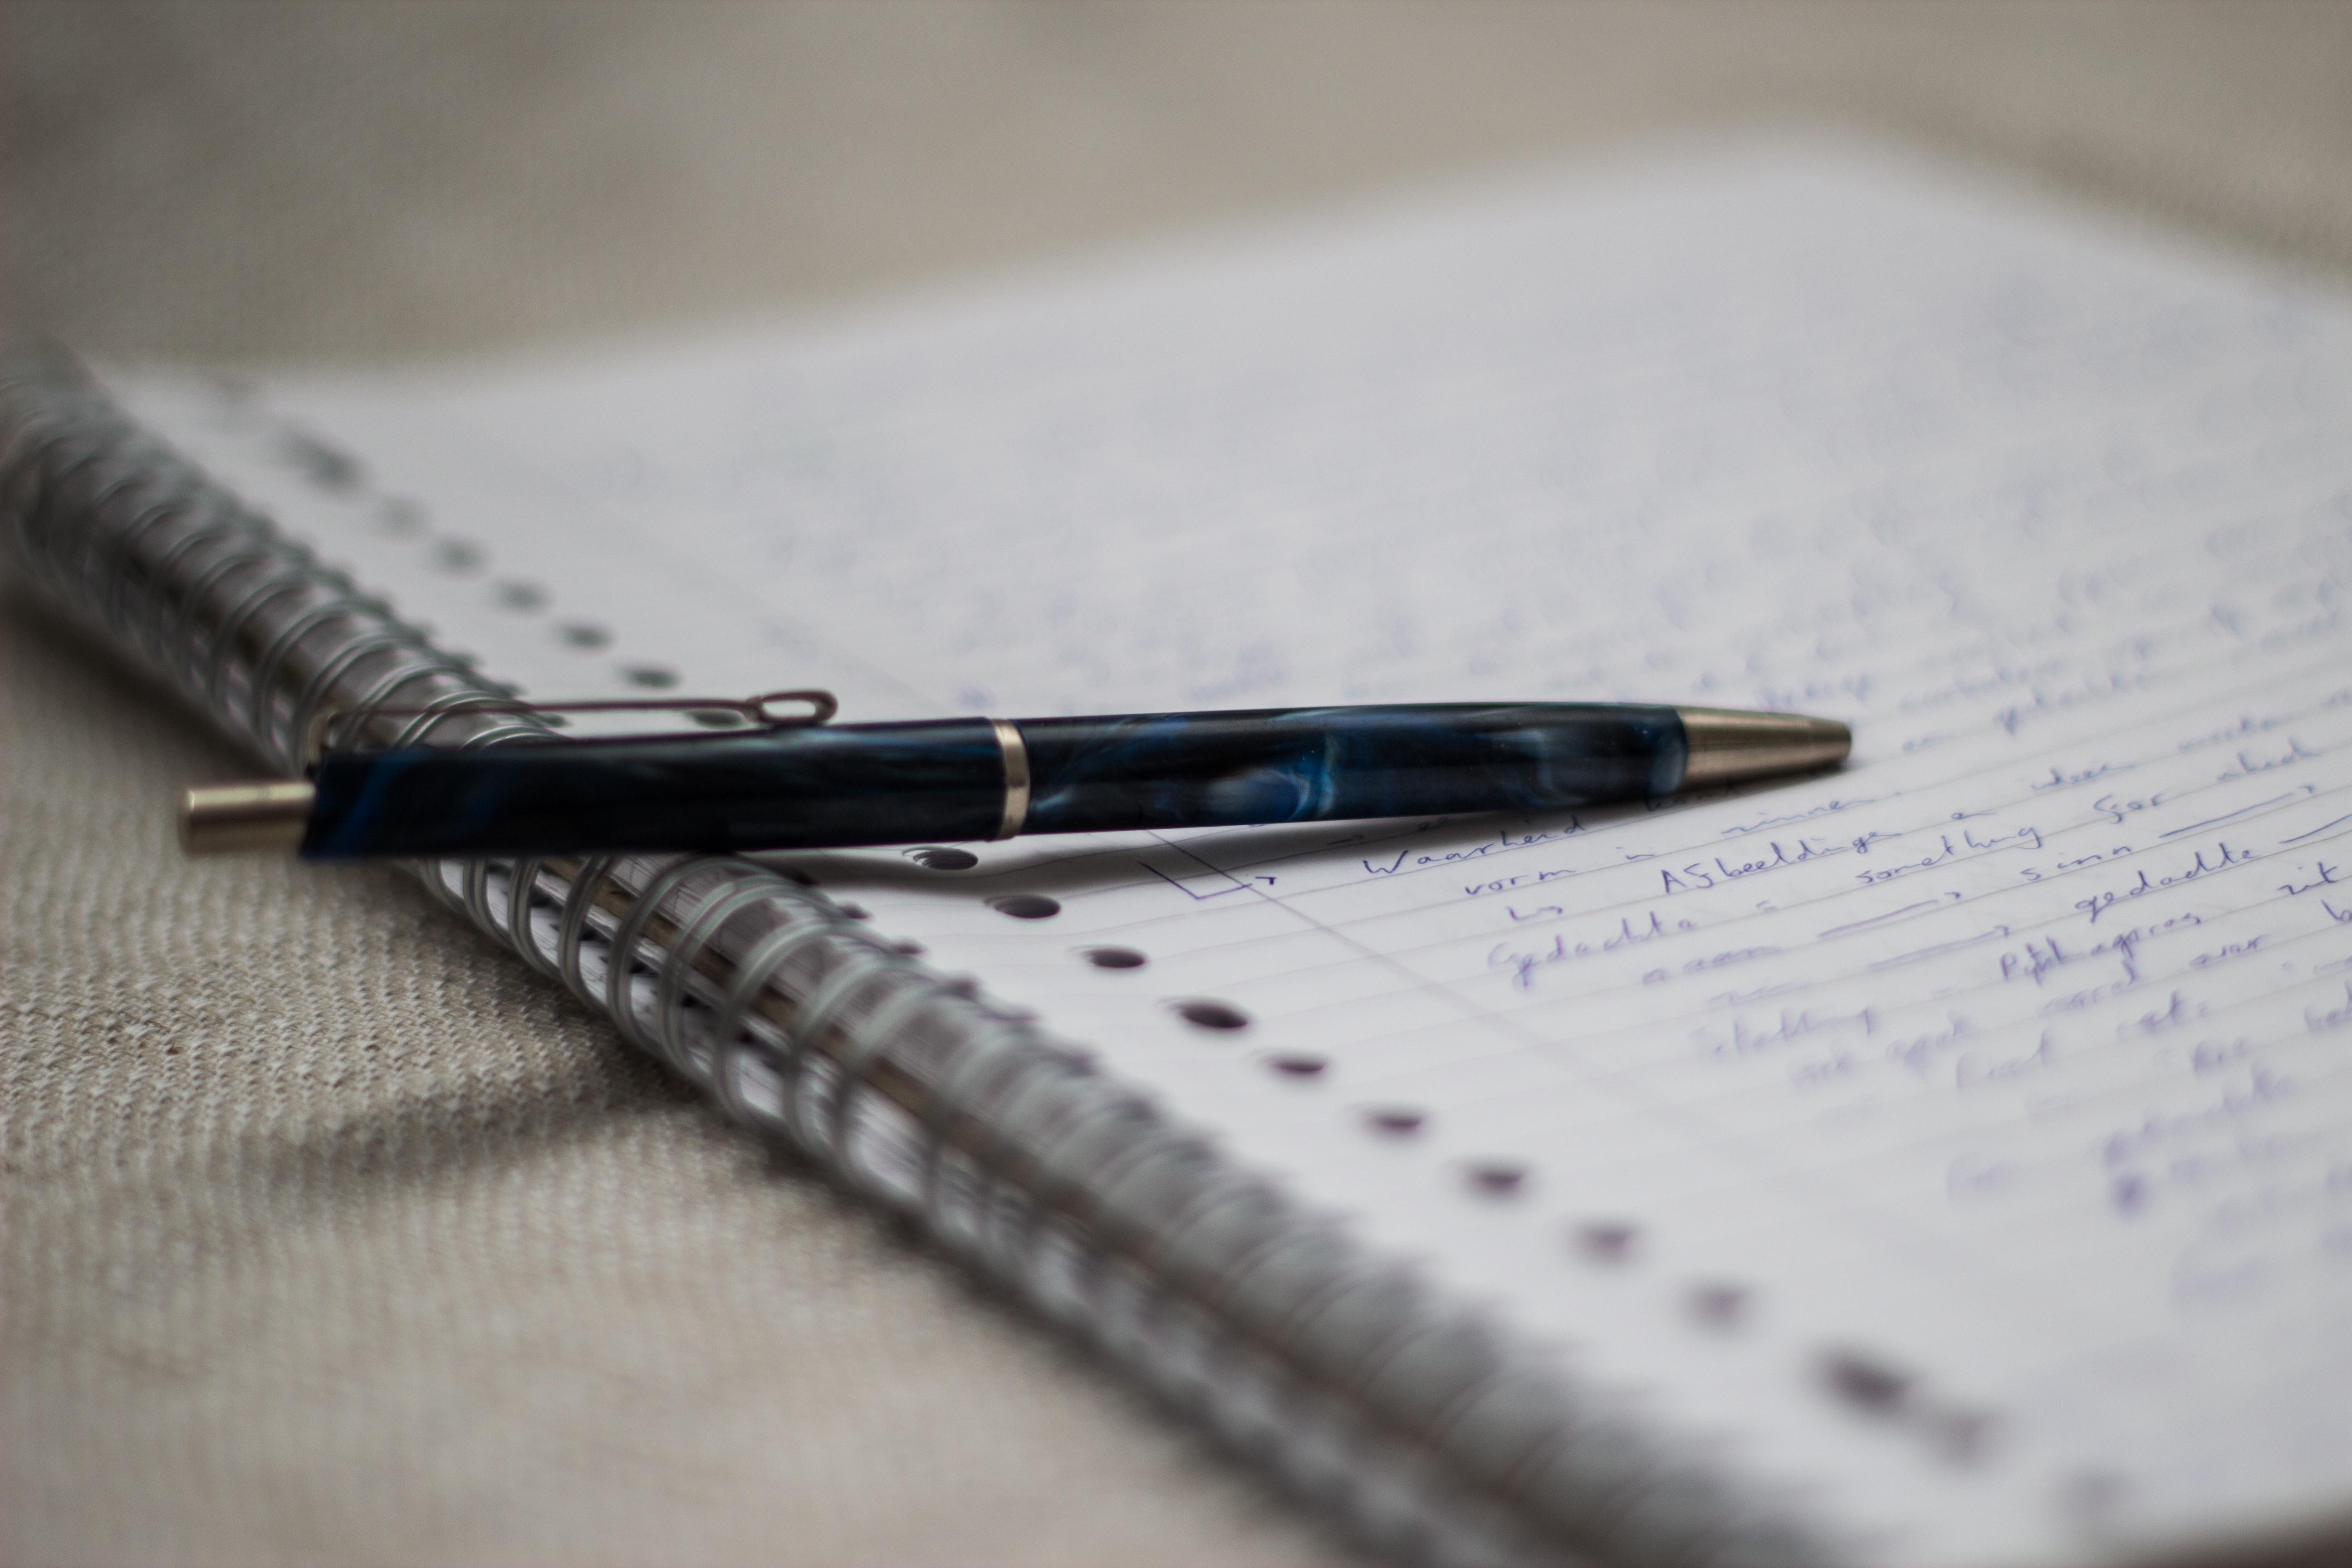 Марта для, картинка с листом бумаги и ручкой